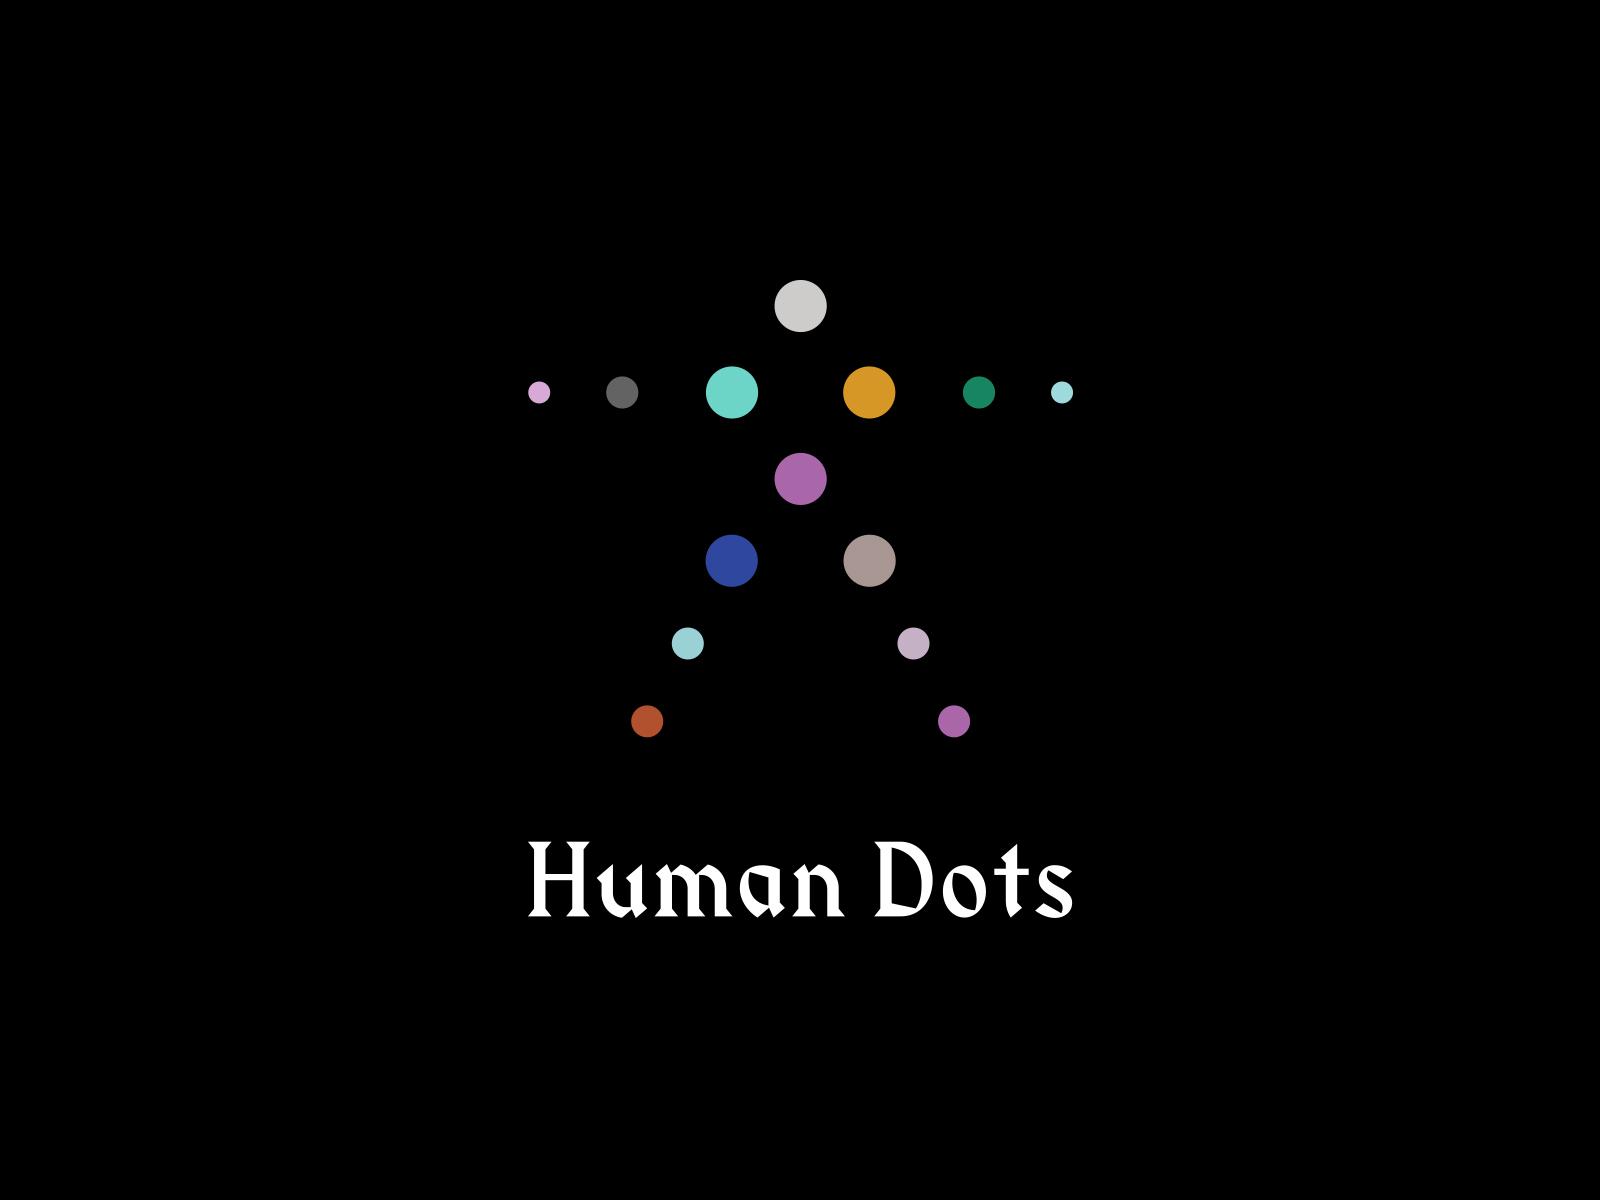 Human Dots